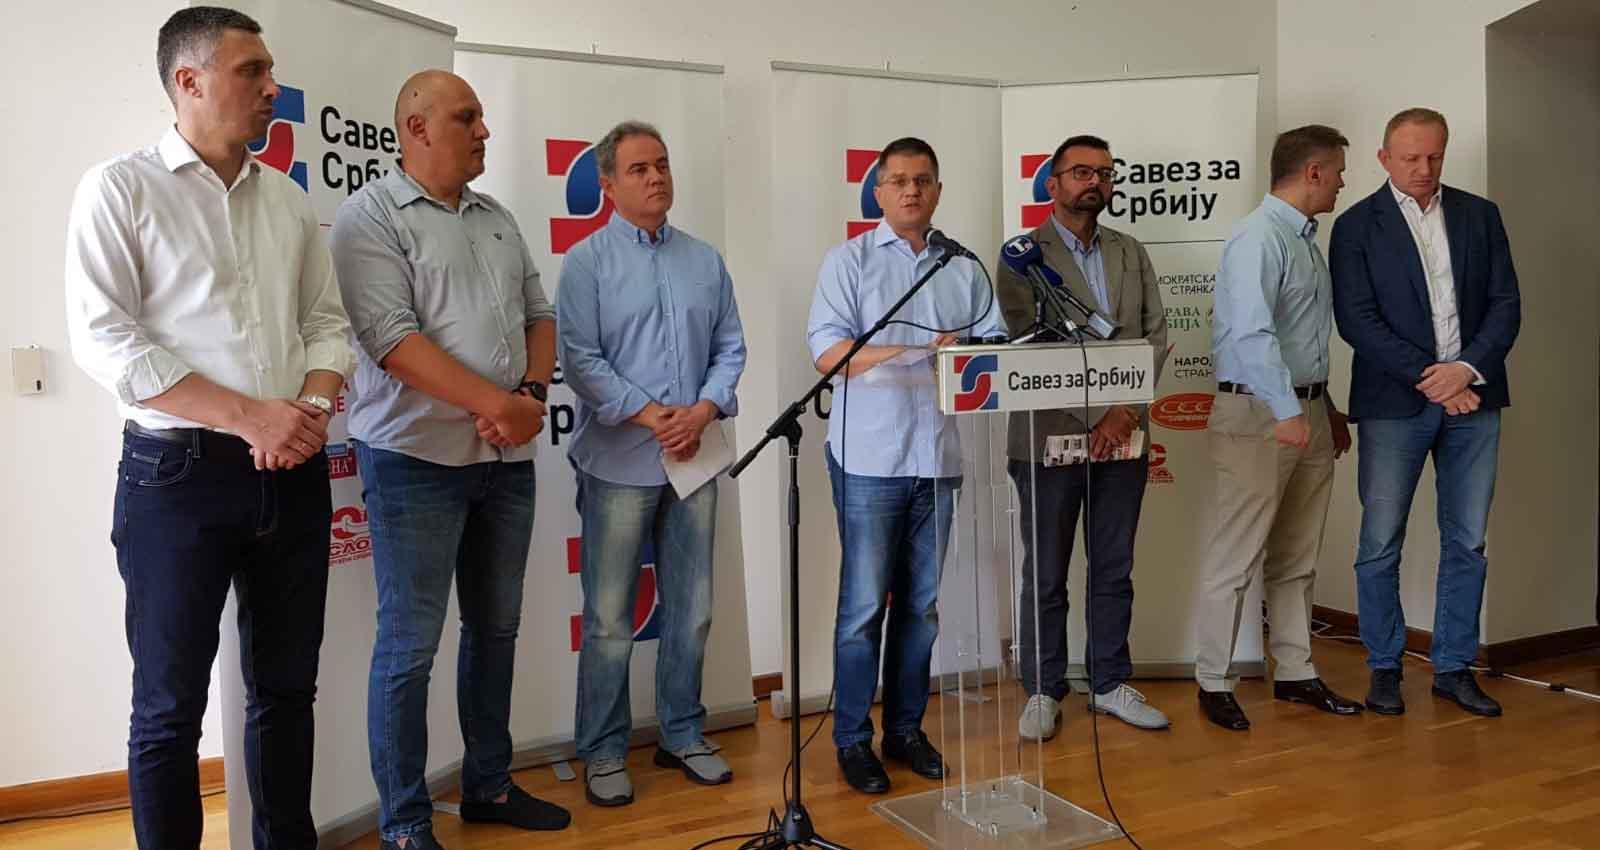 Јеремић: Протестима против опозиционих лидера, Вучић покушава да сакрије афере својих сарадника